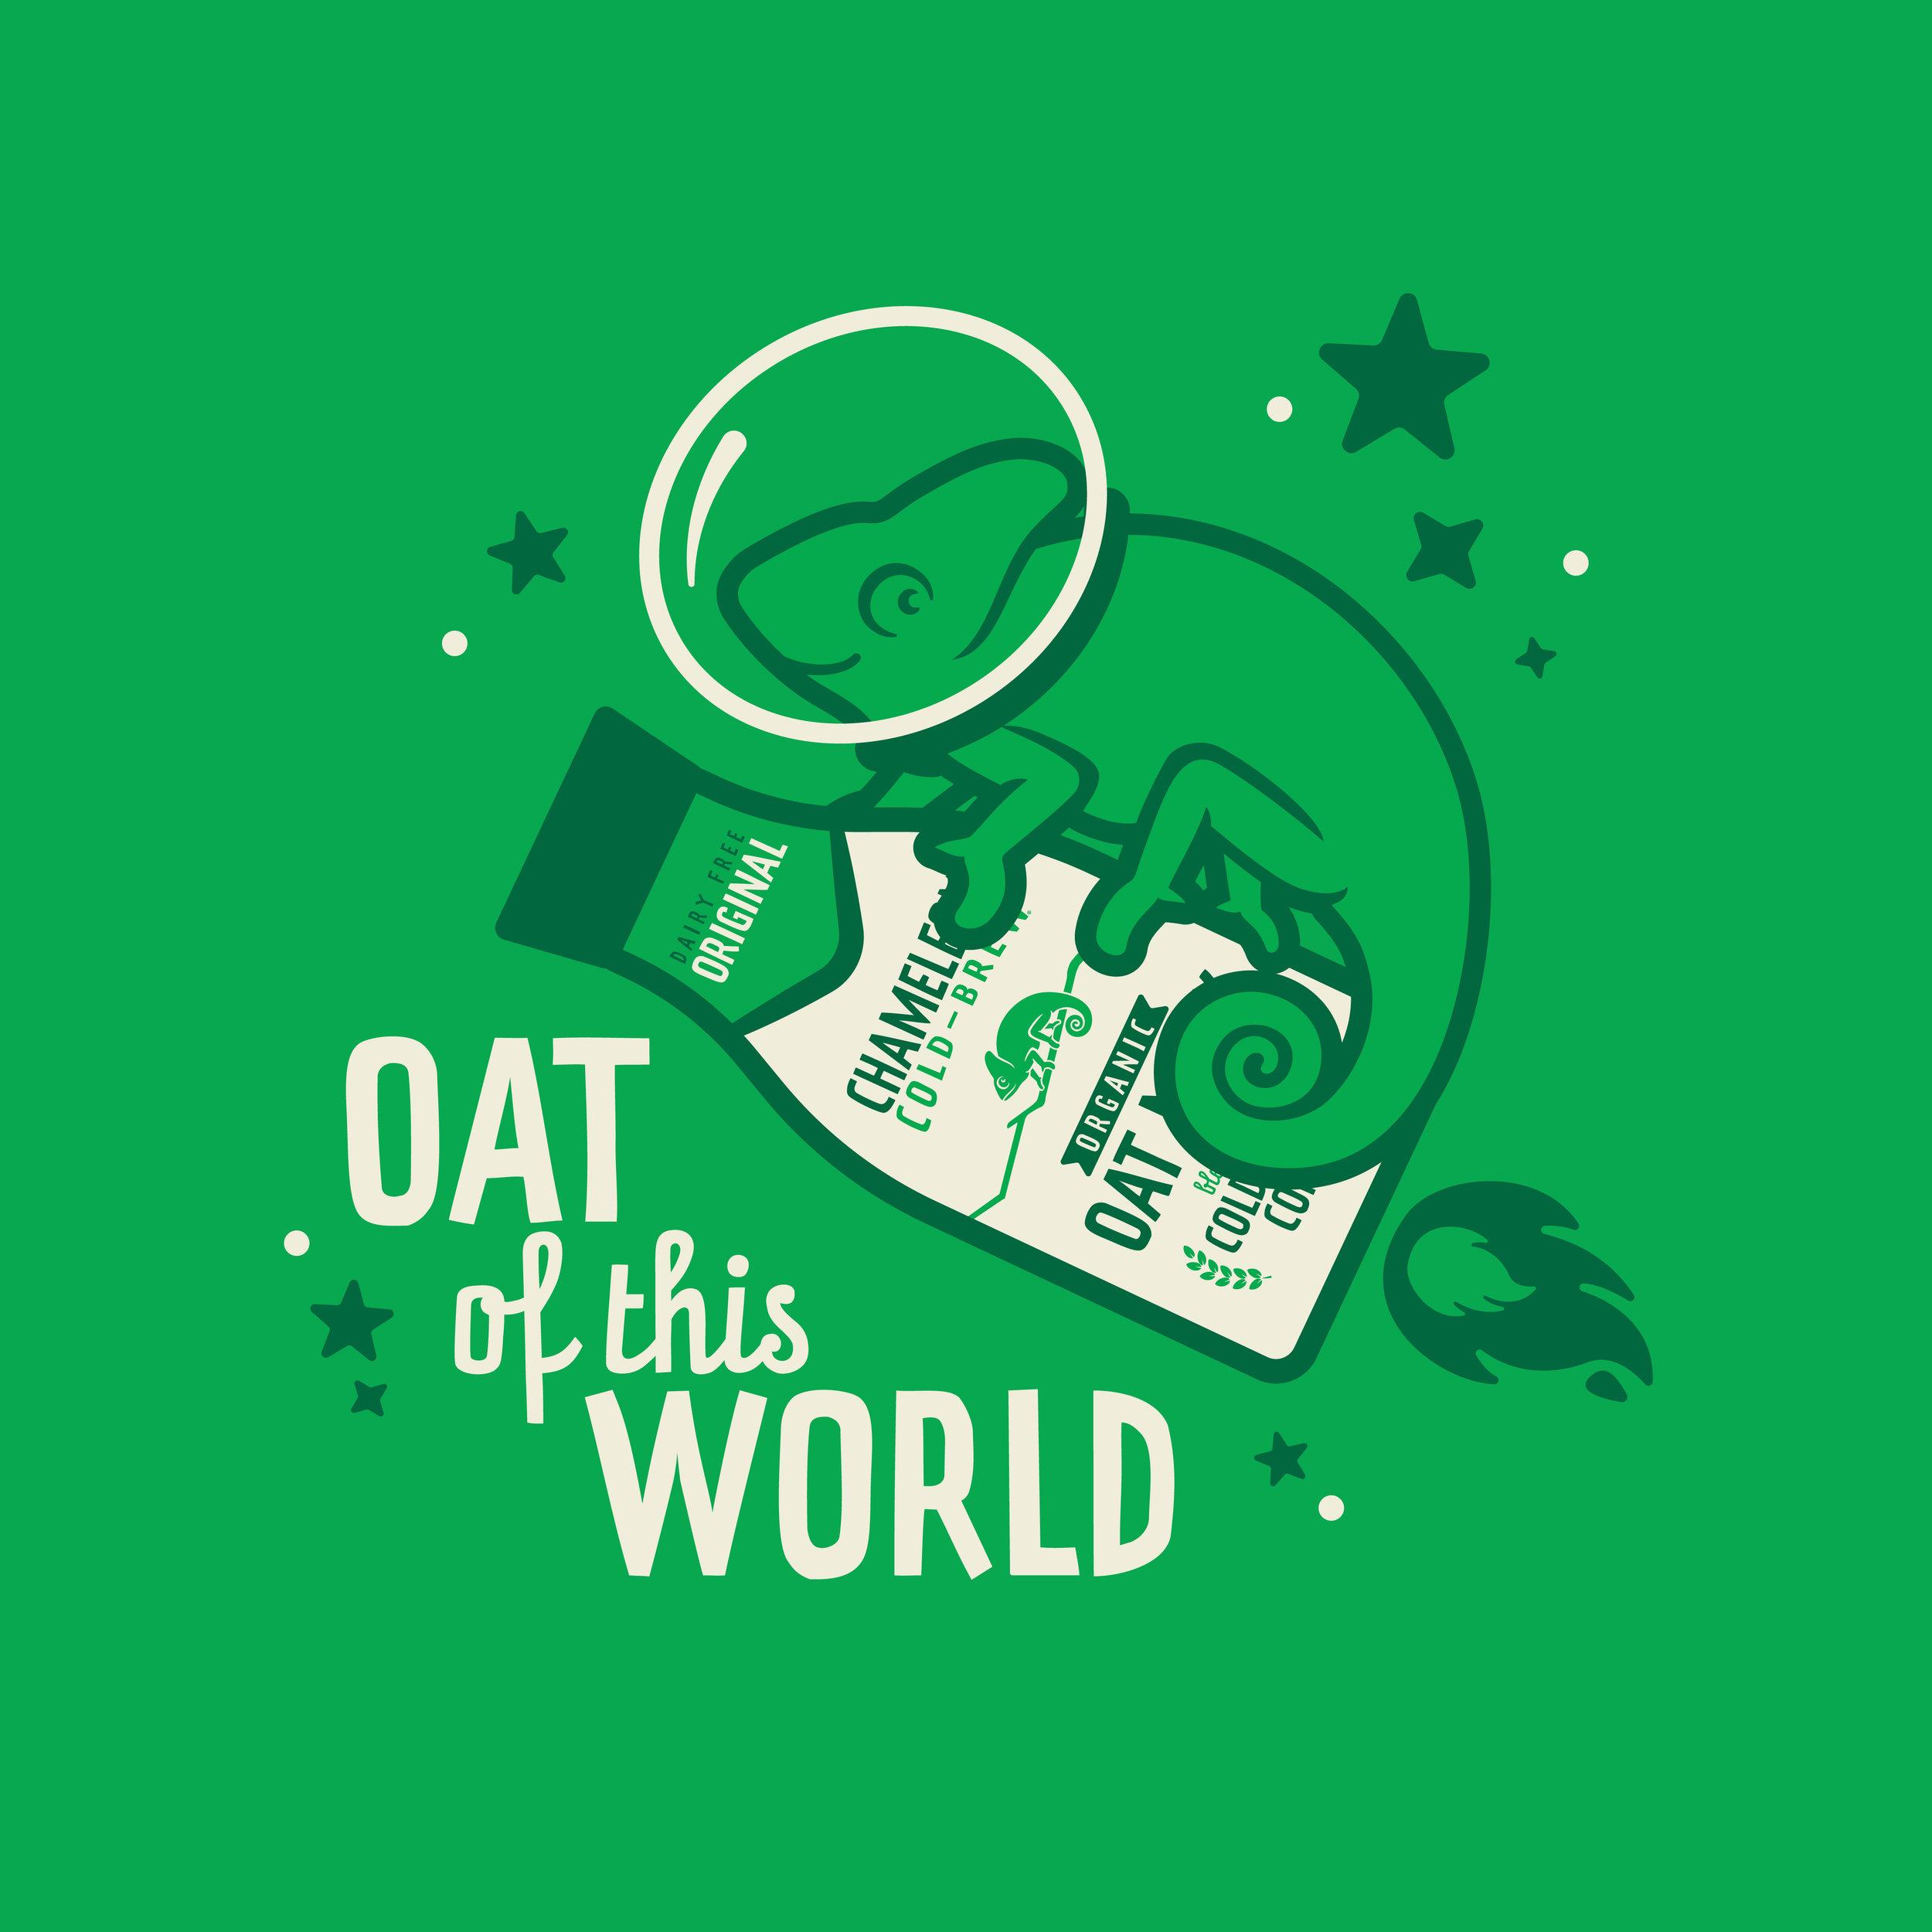 Chameleon_OatMilk_R4-v1_oat-of-this-world.jpg